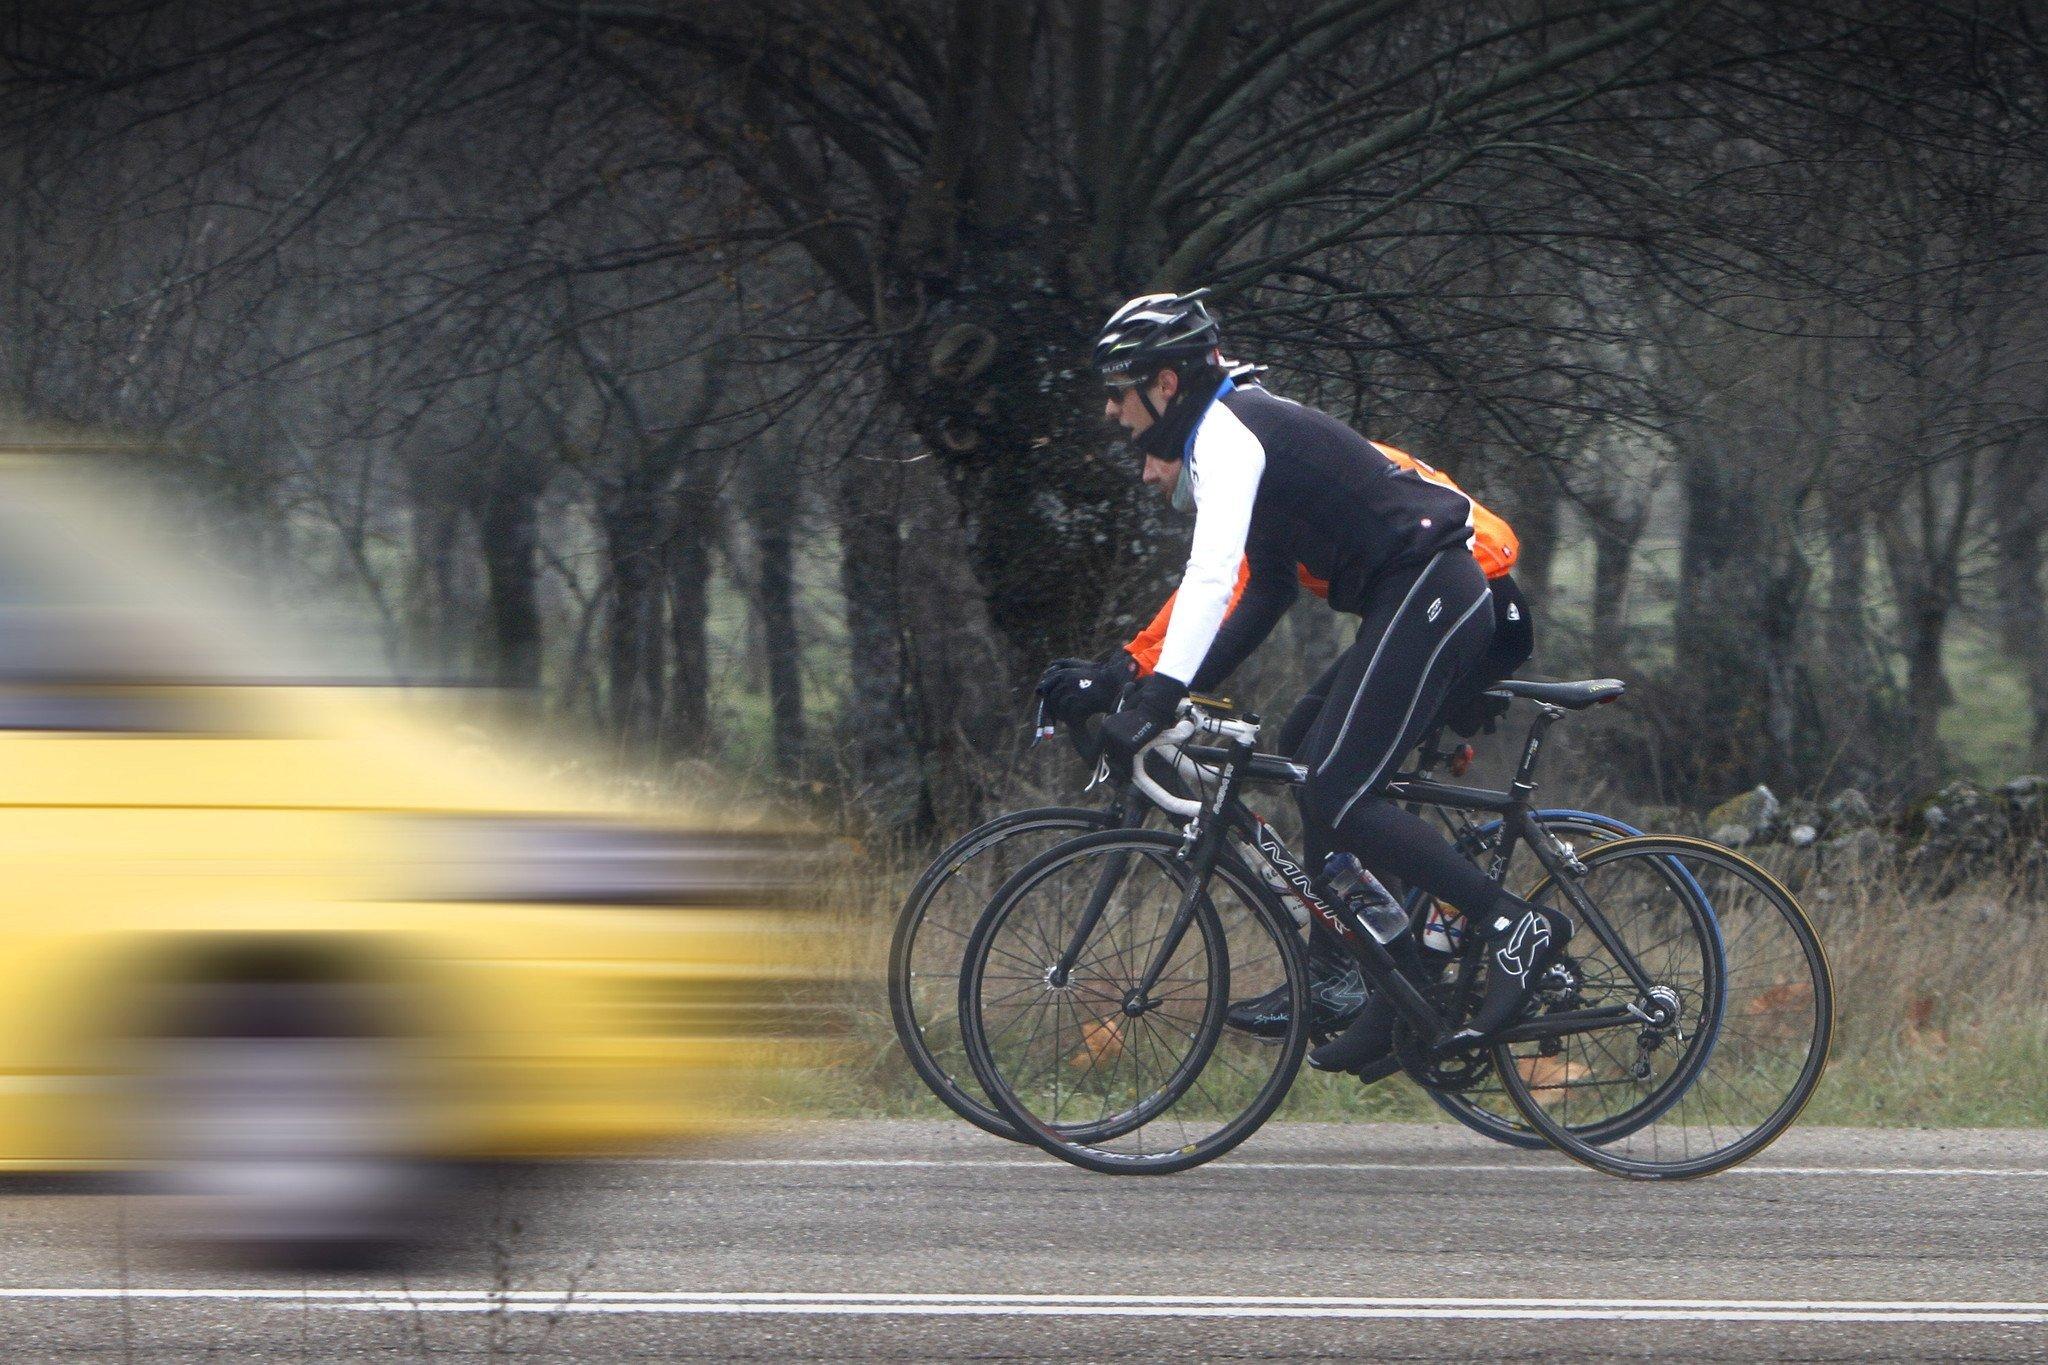 accidentes trafico ciclistas